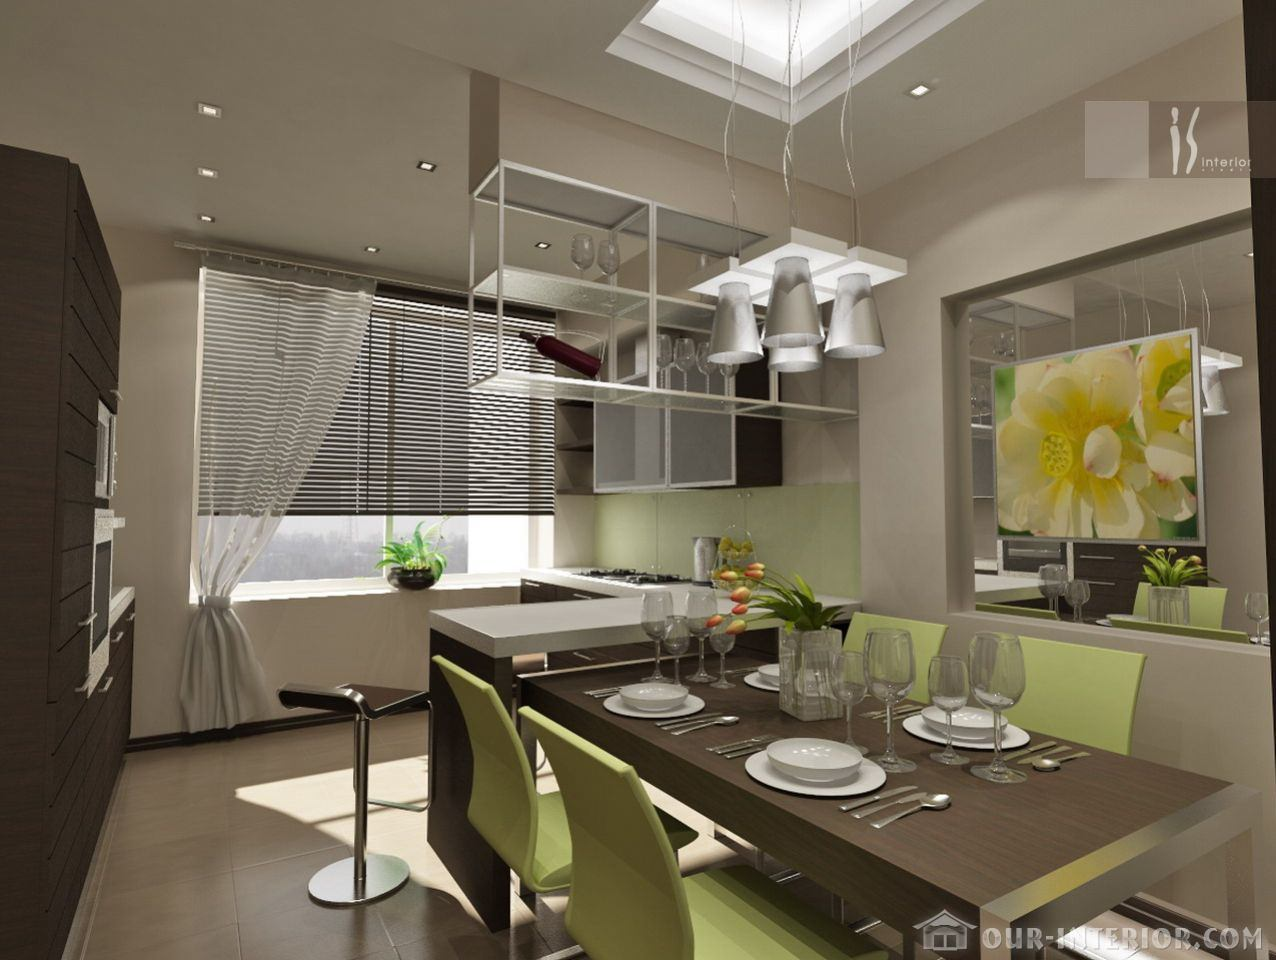 Интерьер кухни размером 12 кв м